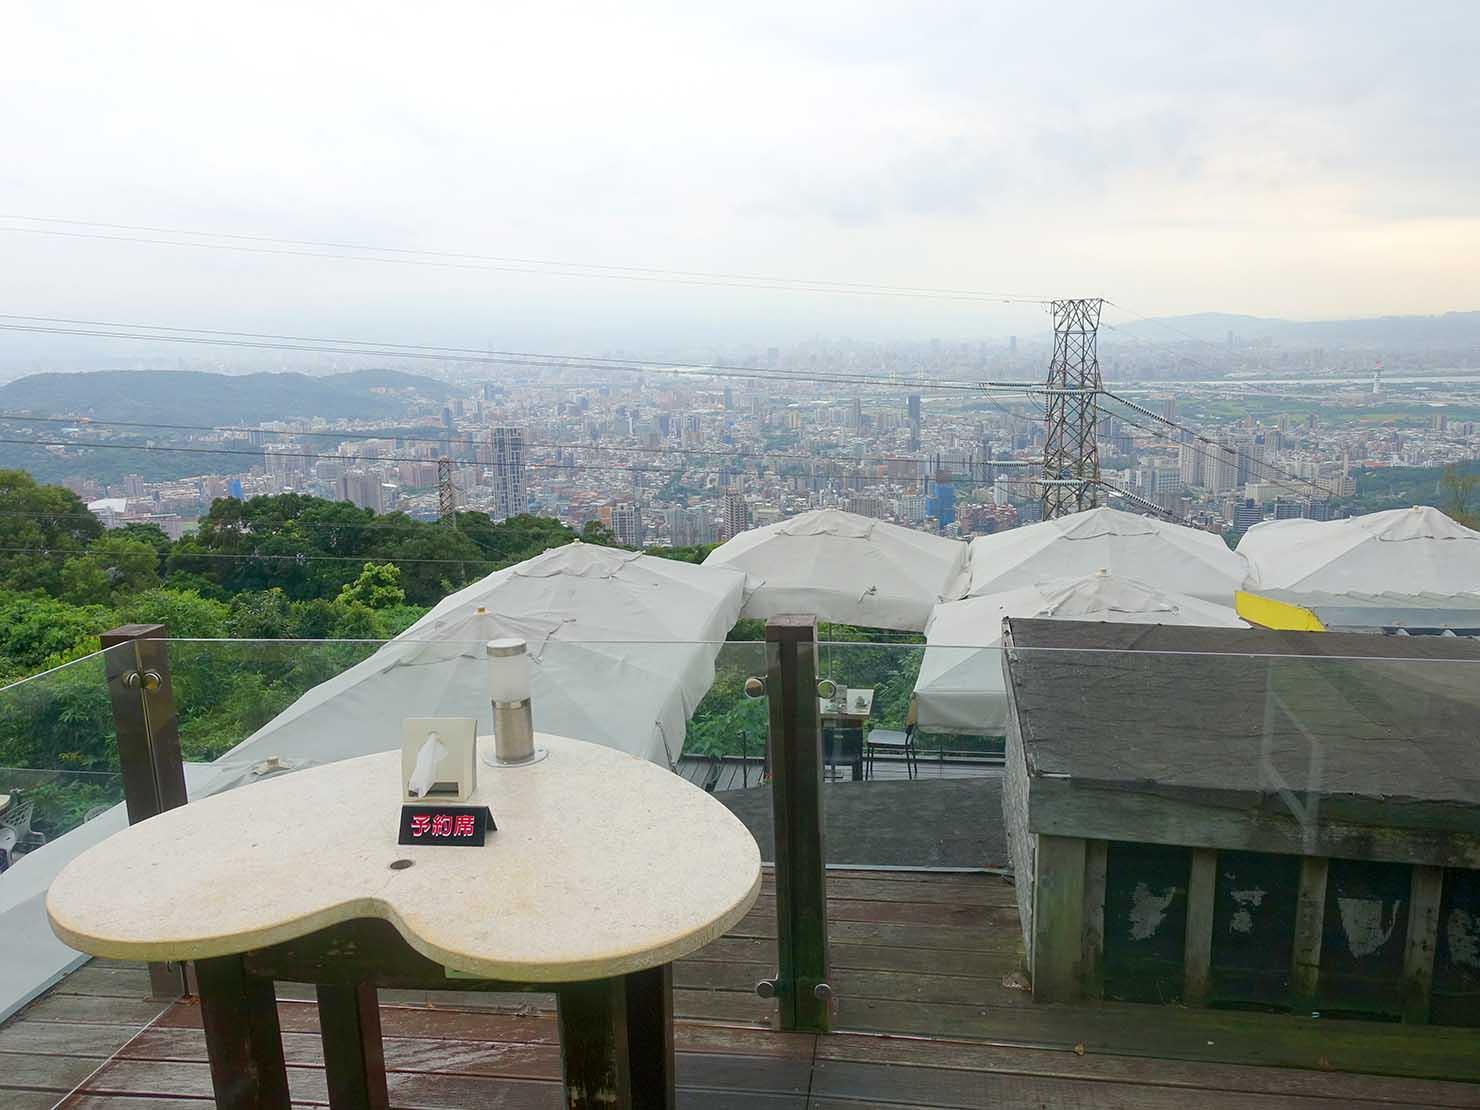 台北・陽明山のレストラン「草山夜未眠」ペアシートから望む景色